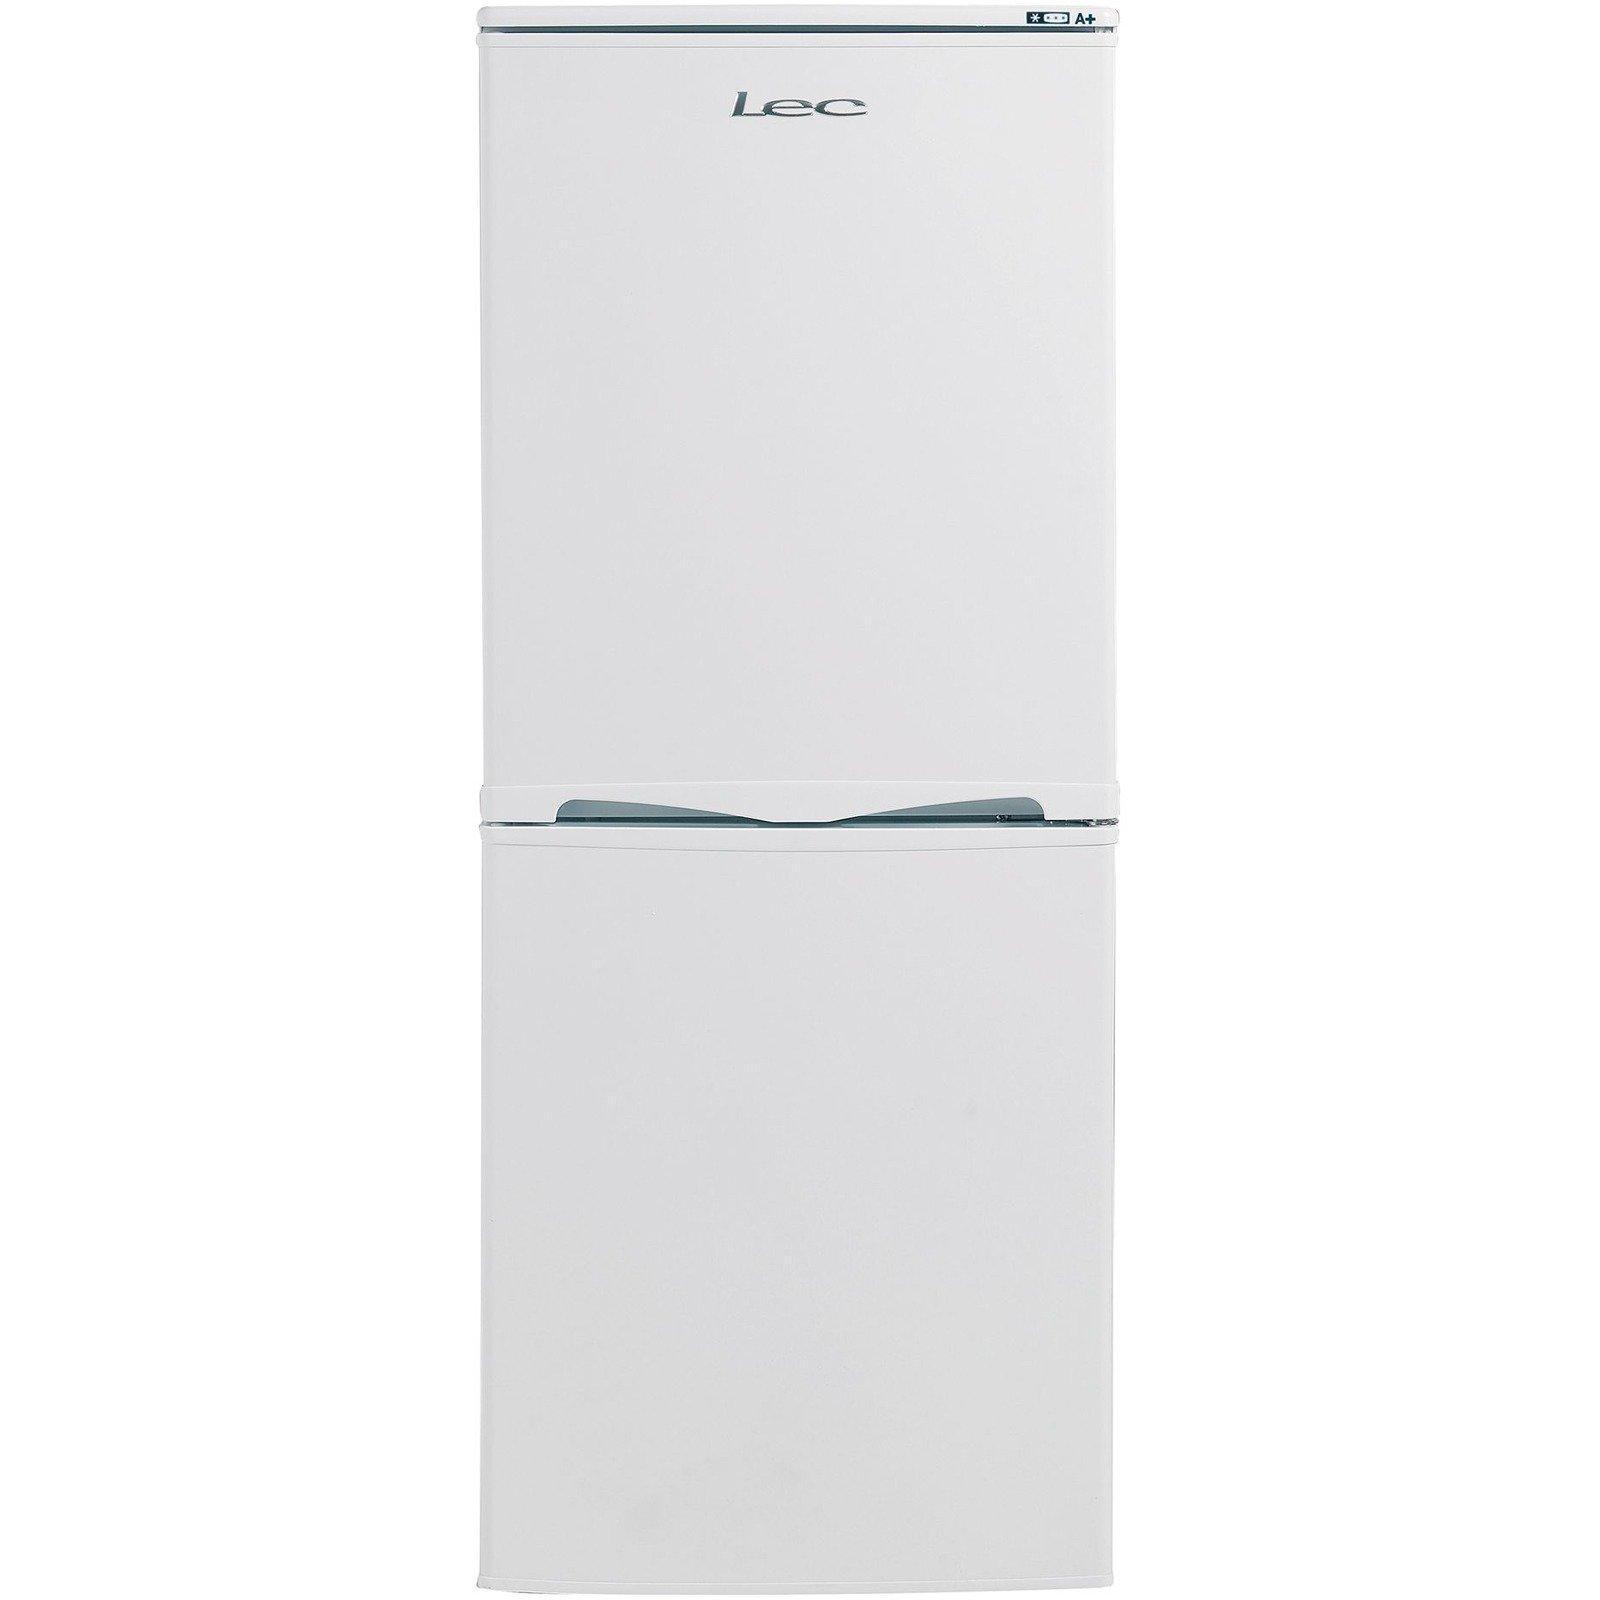 beko fridge zer instruction manual basic instruction manual u2022 rh ryanshtuff co